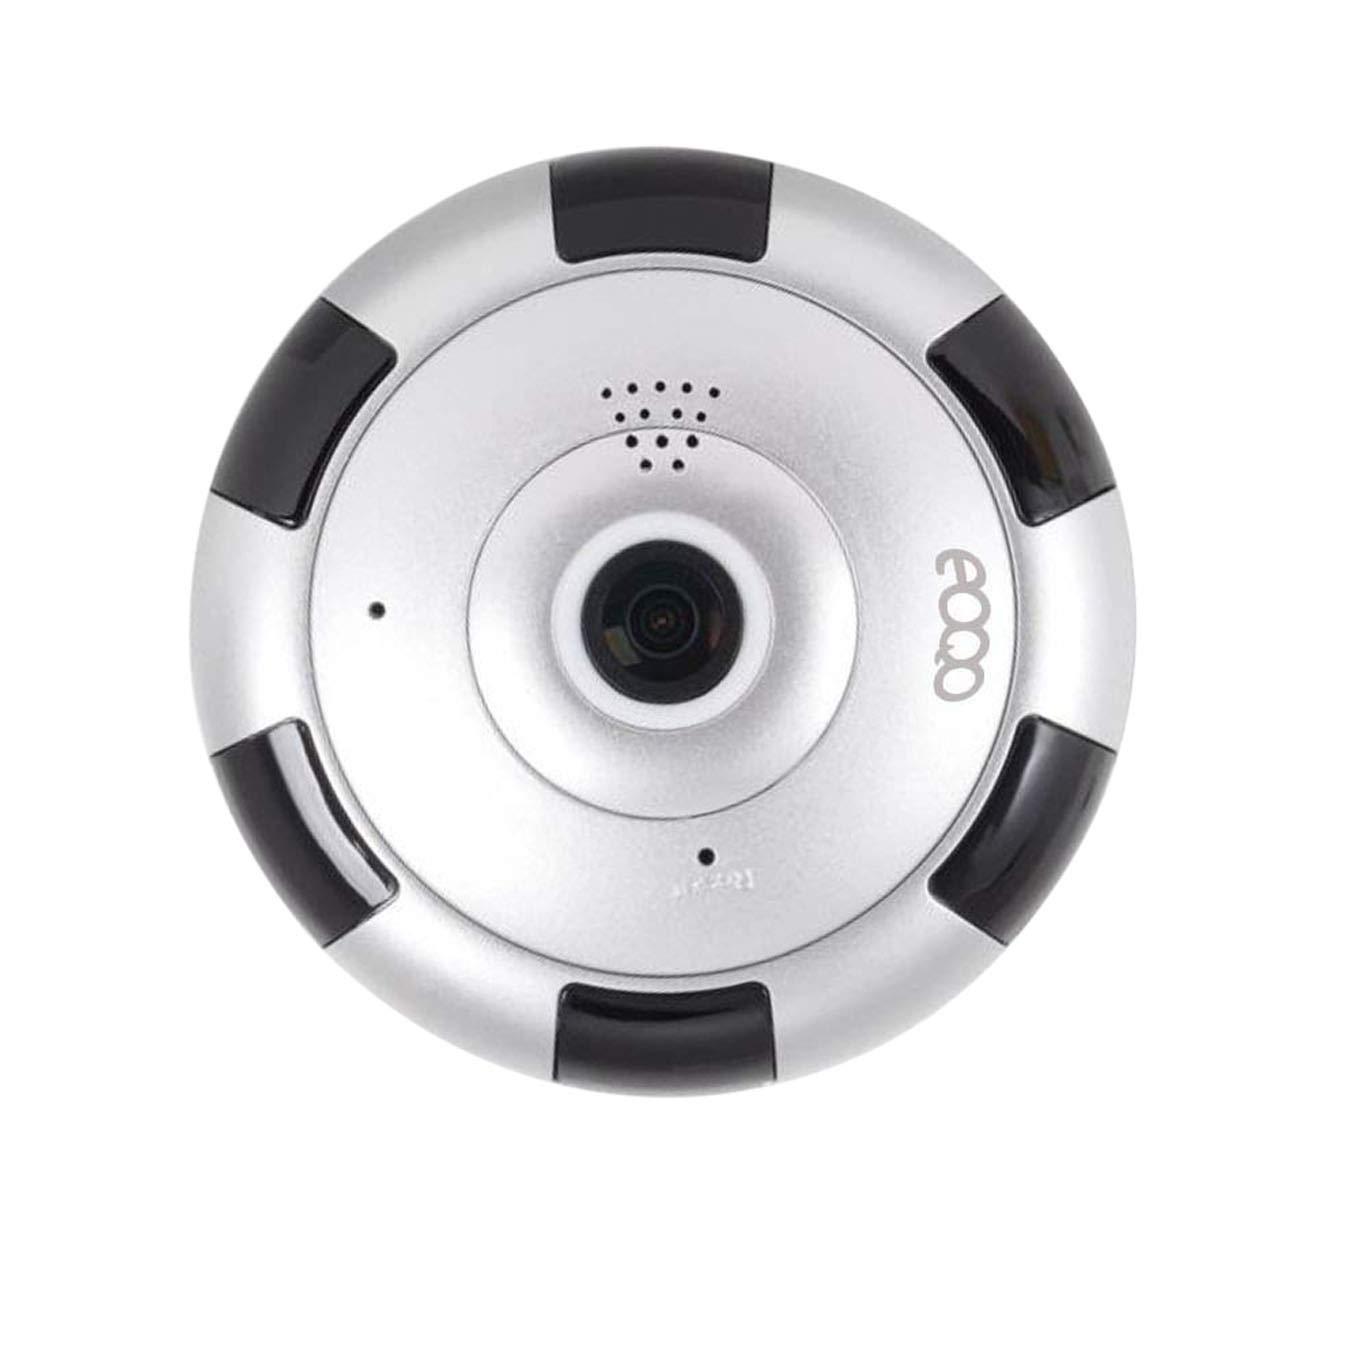 eoqo Cámara de Vigilancia IP HD WiFi IR Vision Nocturna Com con Micrófono y Altavoz Detección de Movimiento Sonido Alarma Inalámbrico para Puerta ...